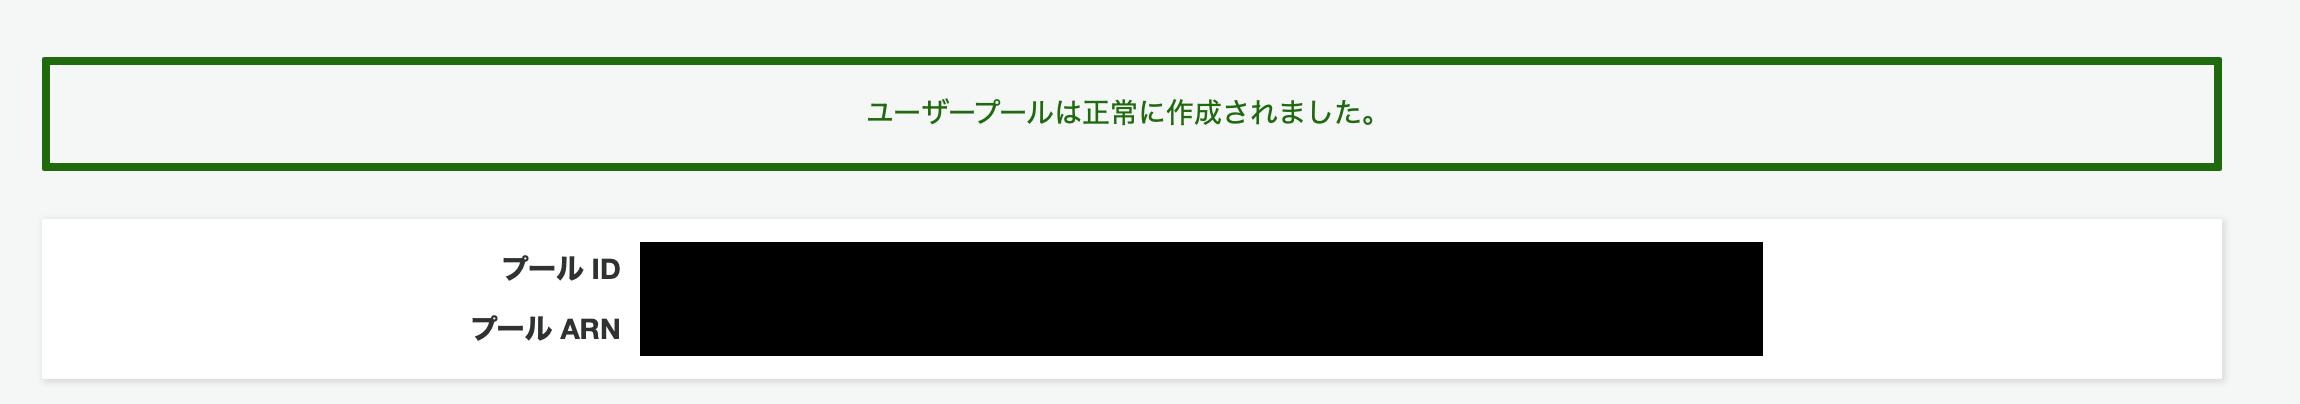 スクリーンショット 2020-09-19 21.39.12.png